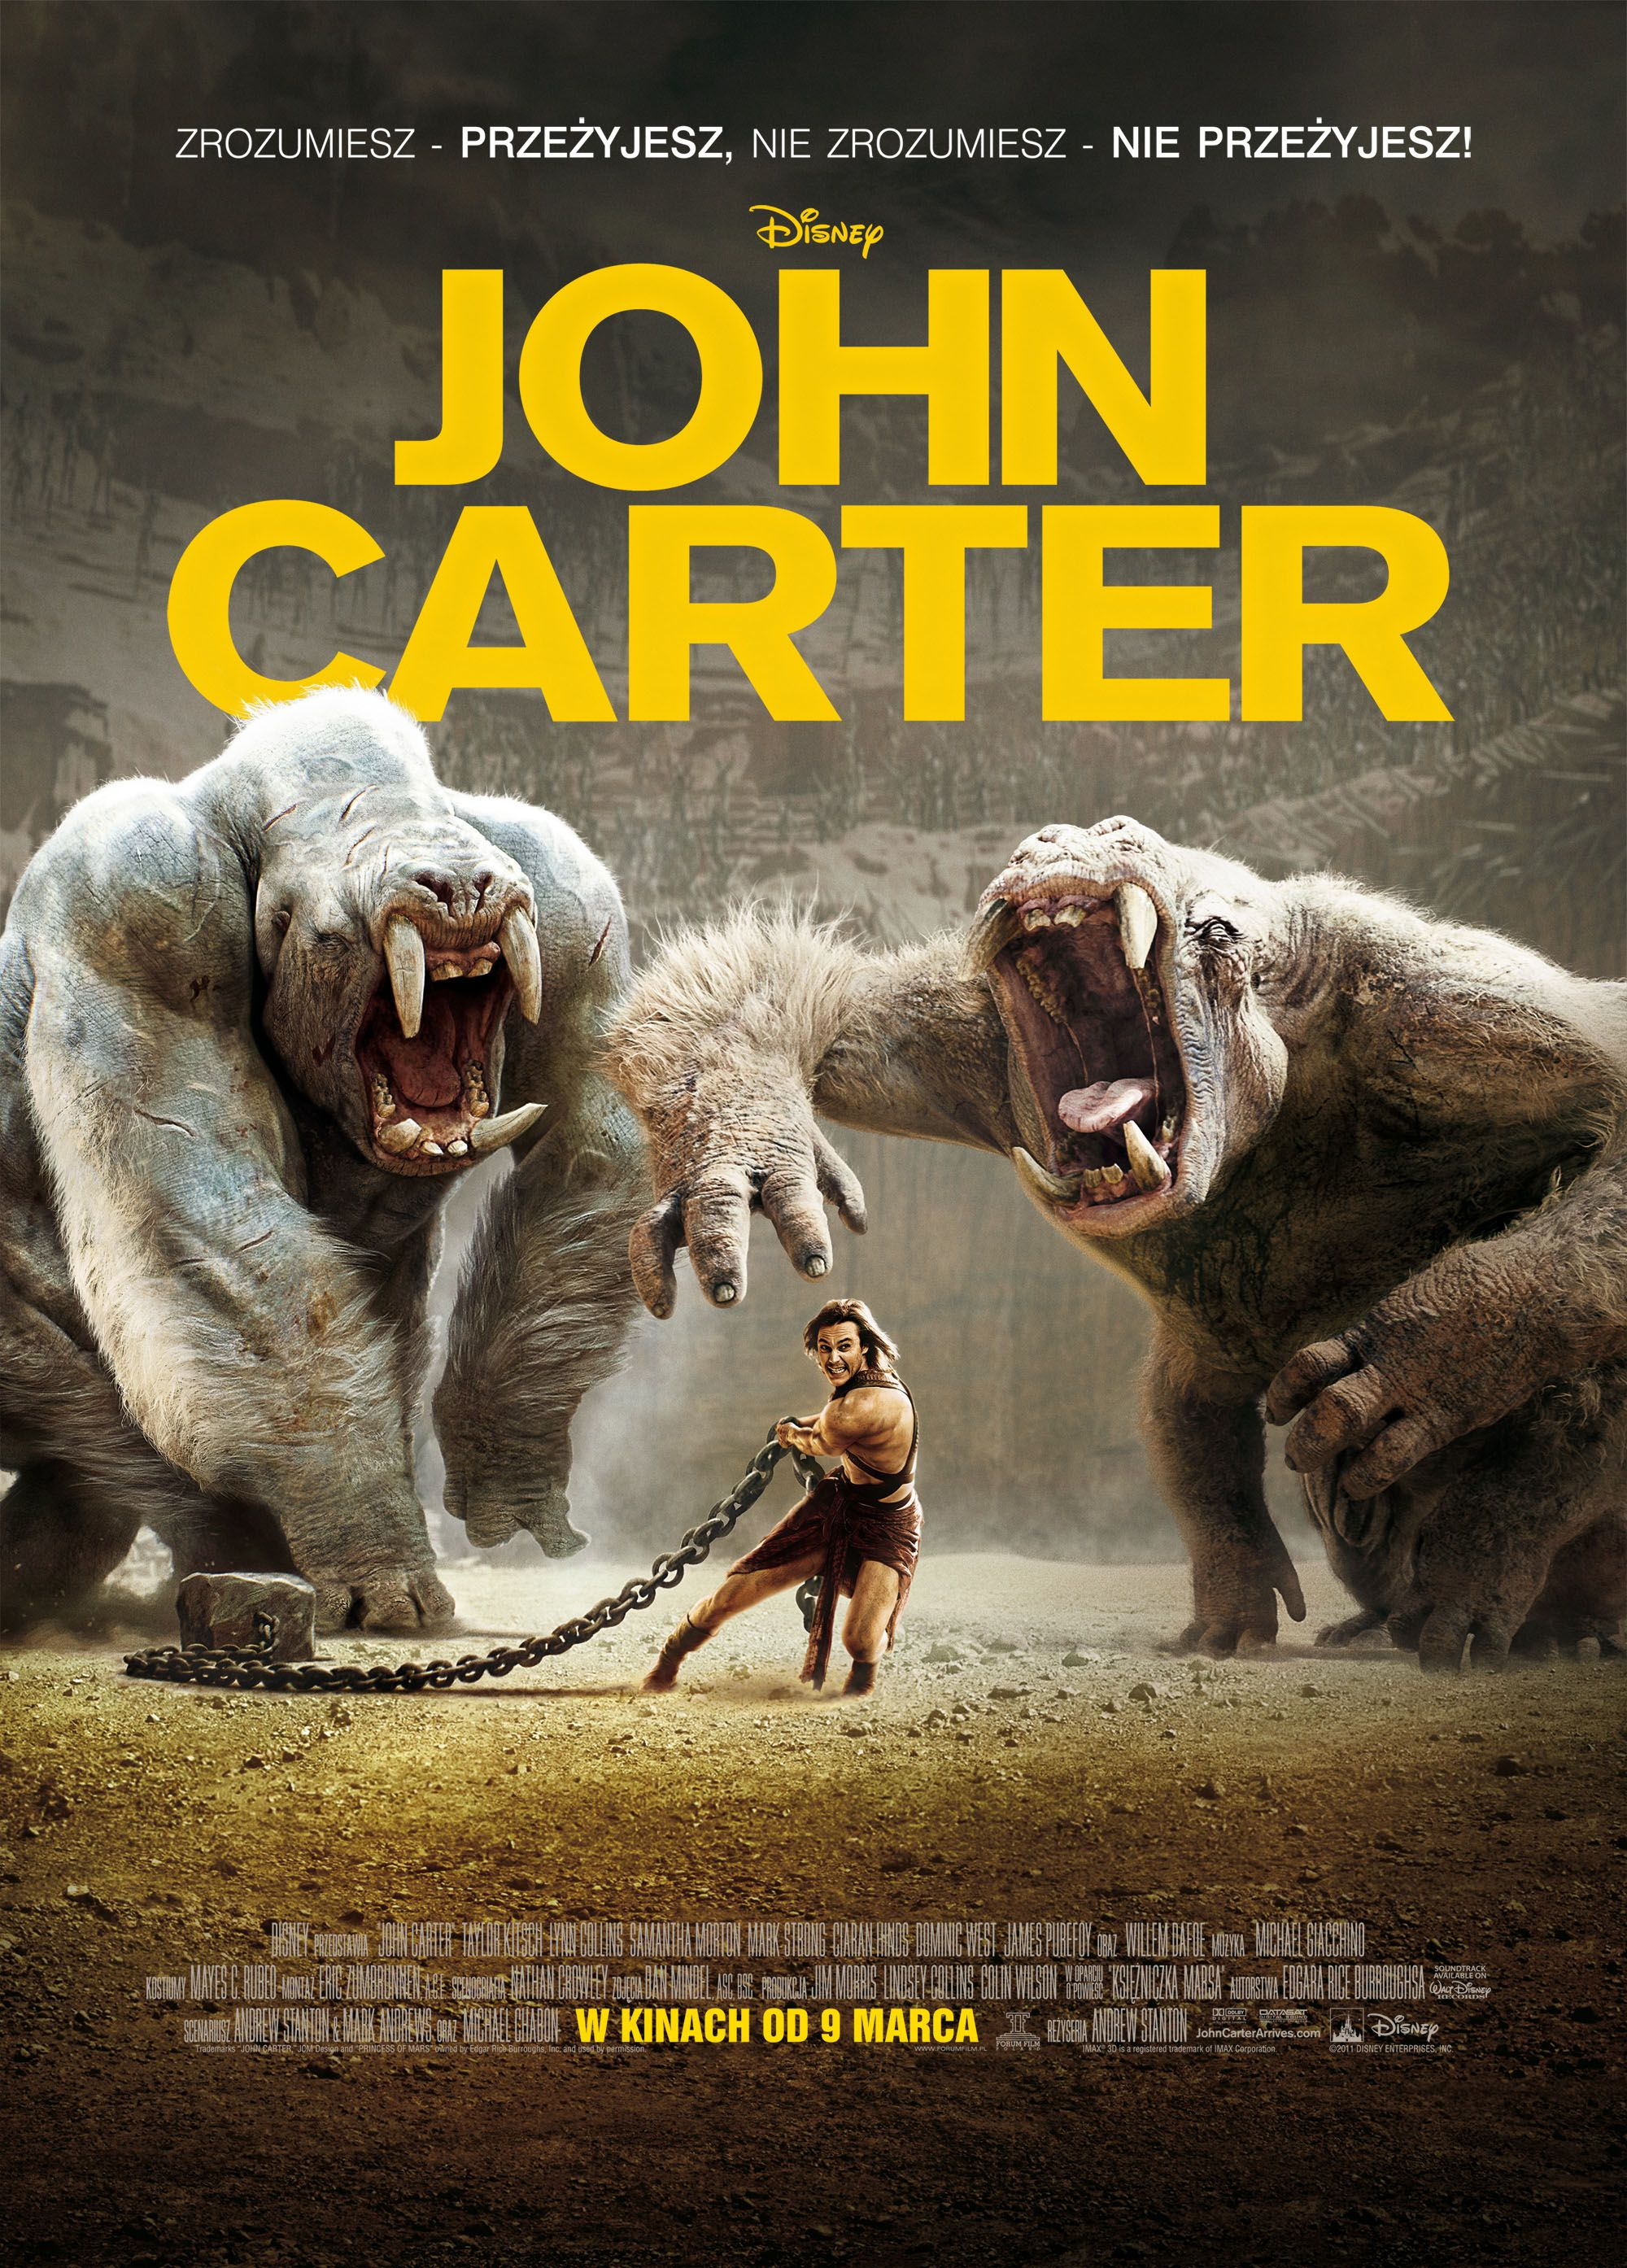 John Carter 2012 Peliculas Completas Peliculas Cine Peliculas De Disney